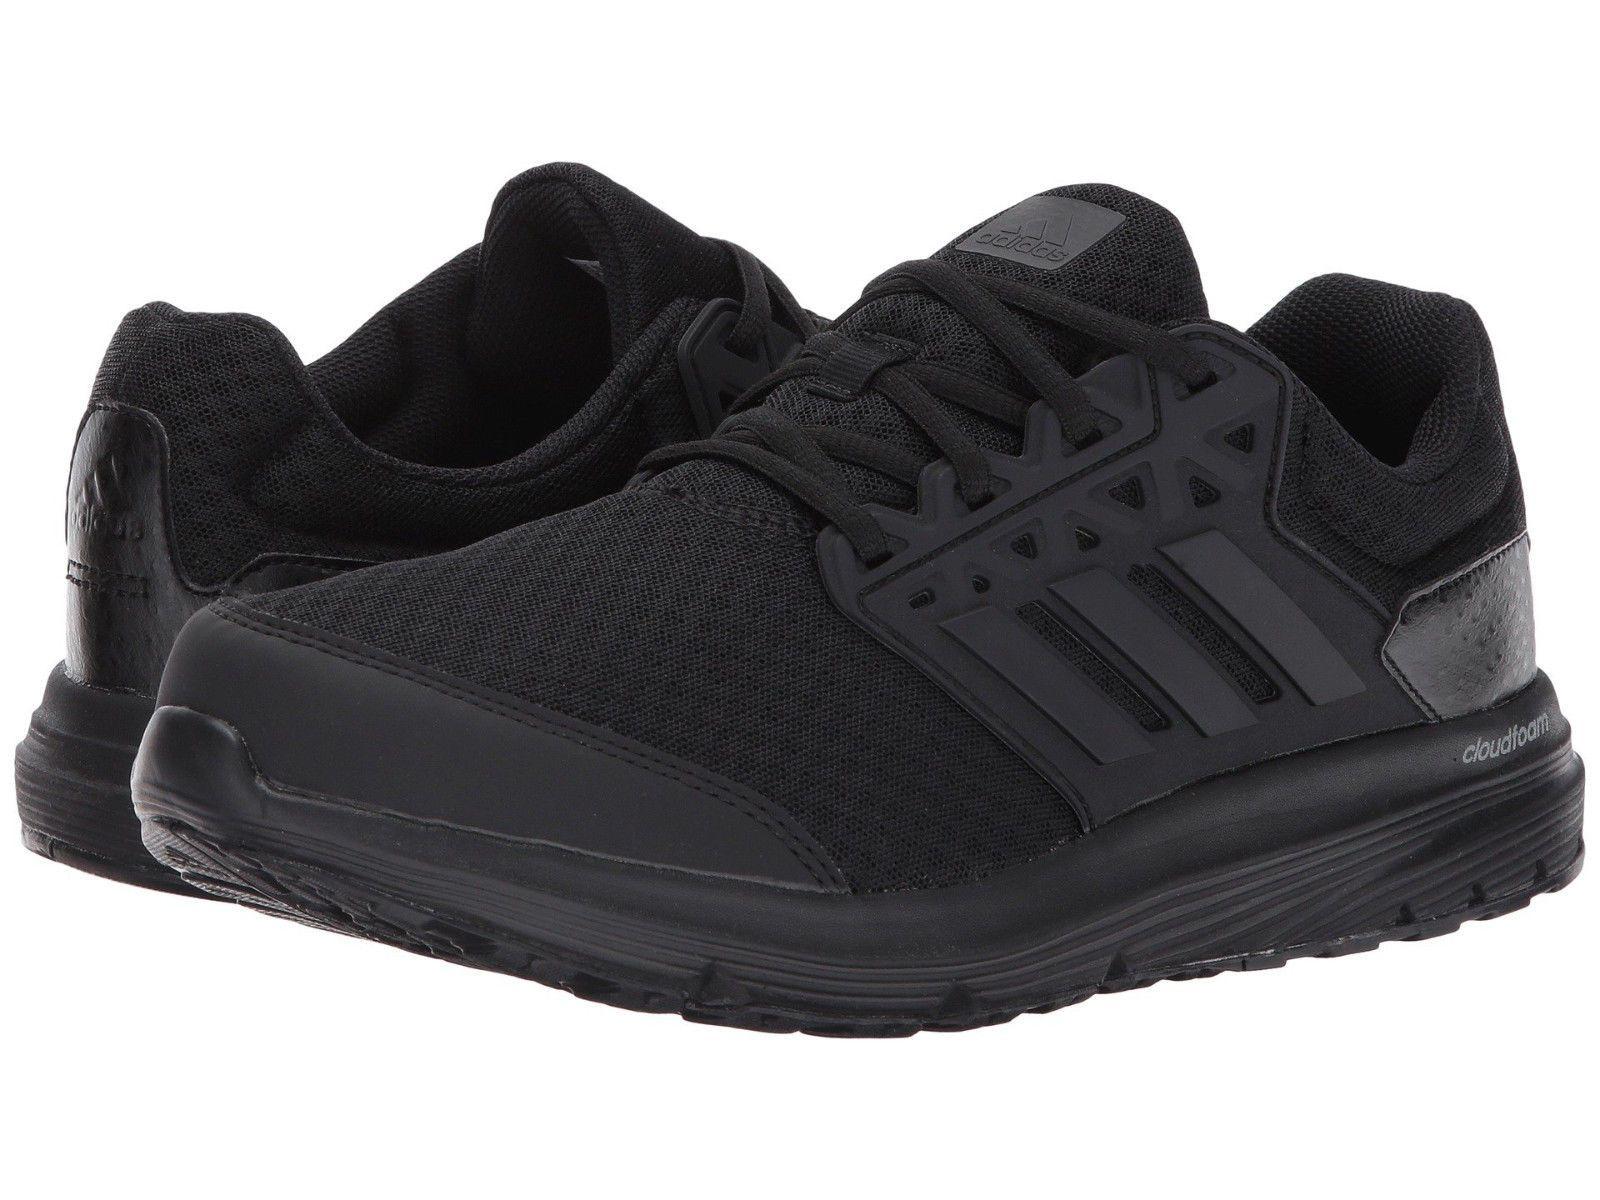 Hombre Adidas Galaxy 3 negro Sport Athletic corriendo zapatos cq1860 tamaños